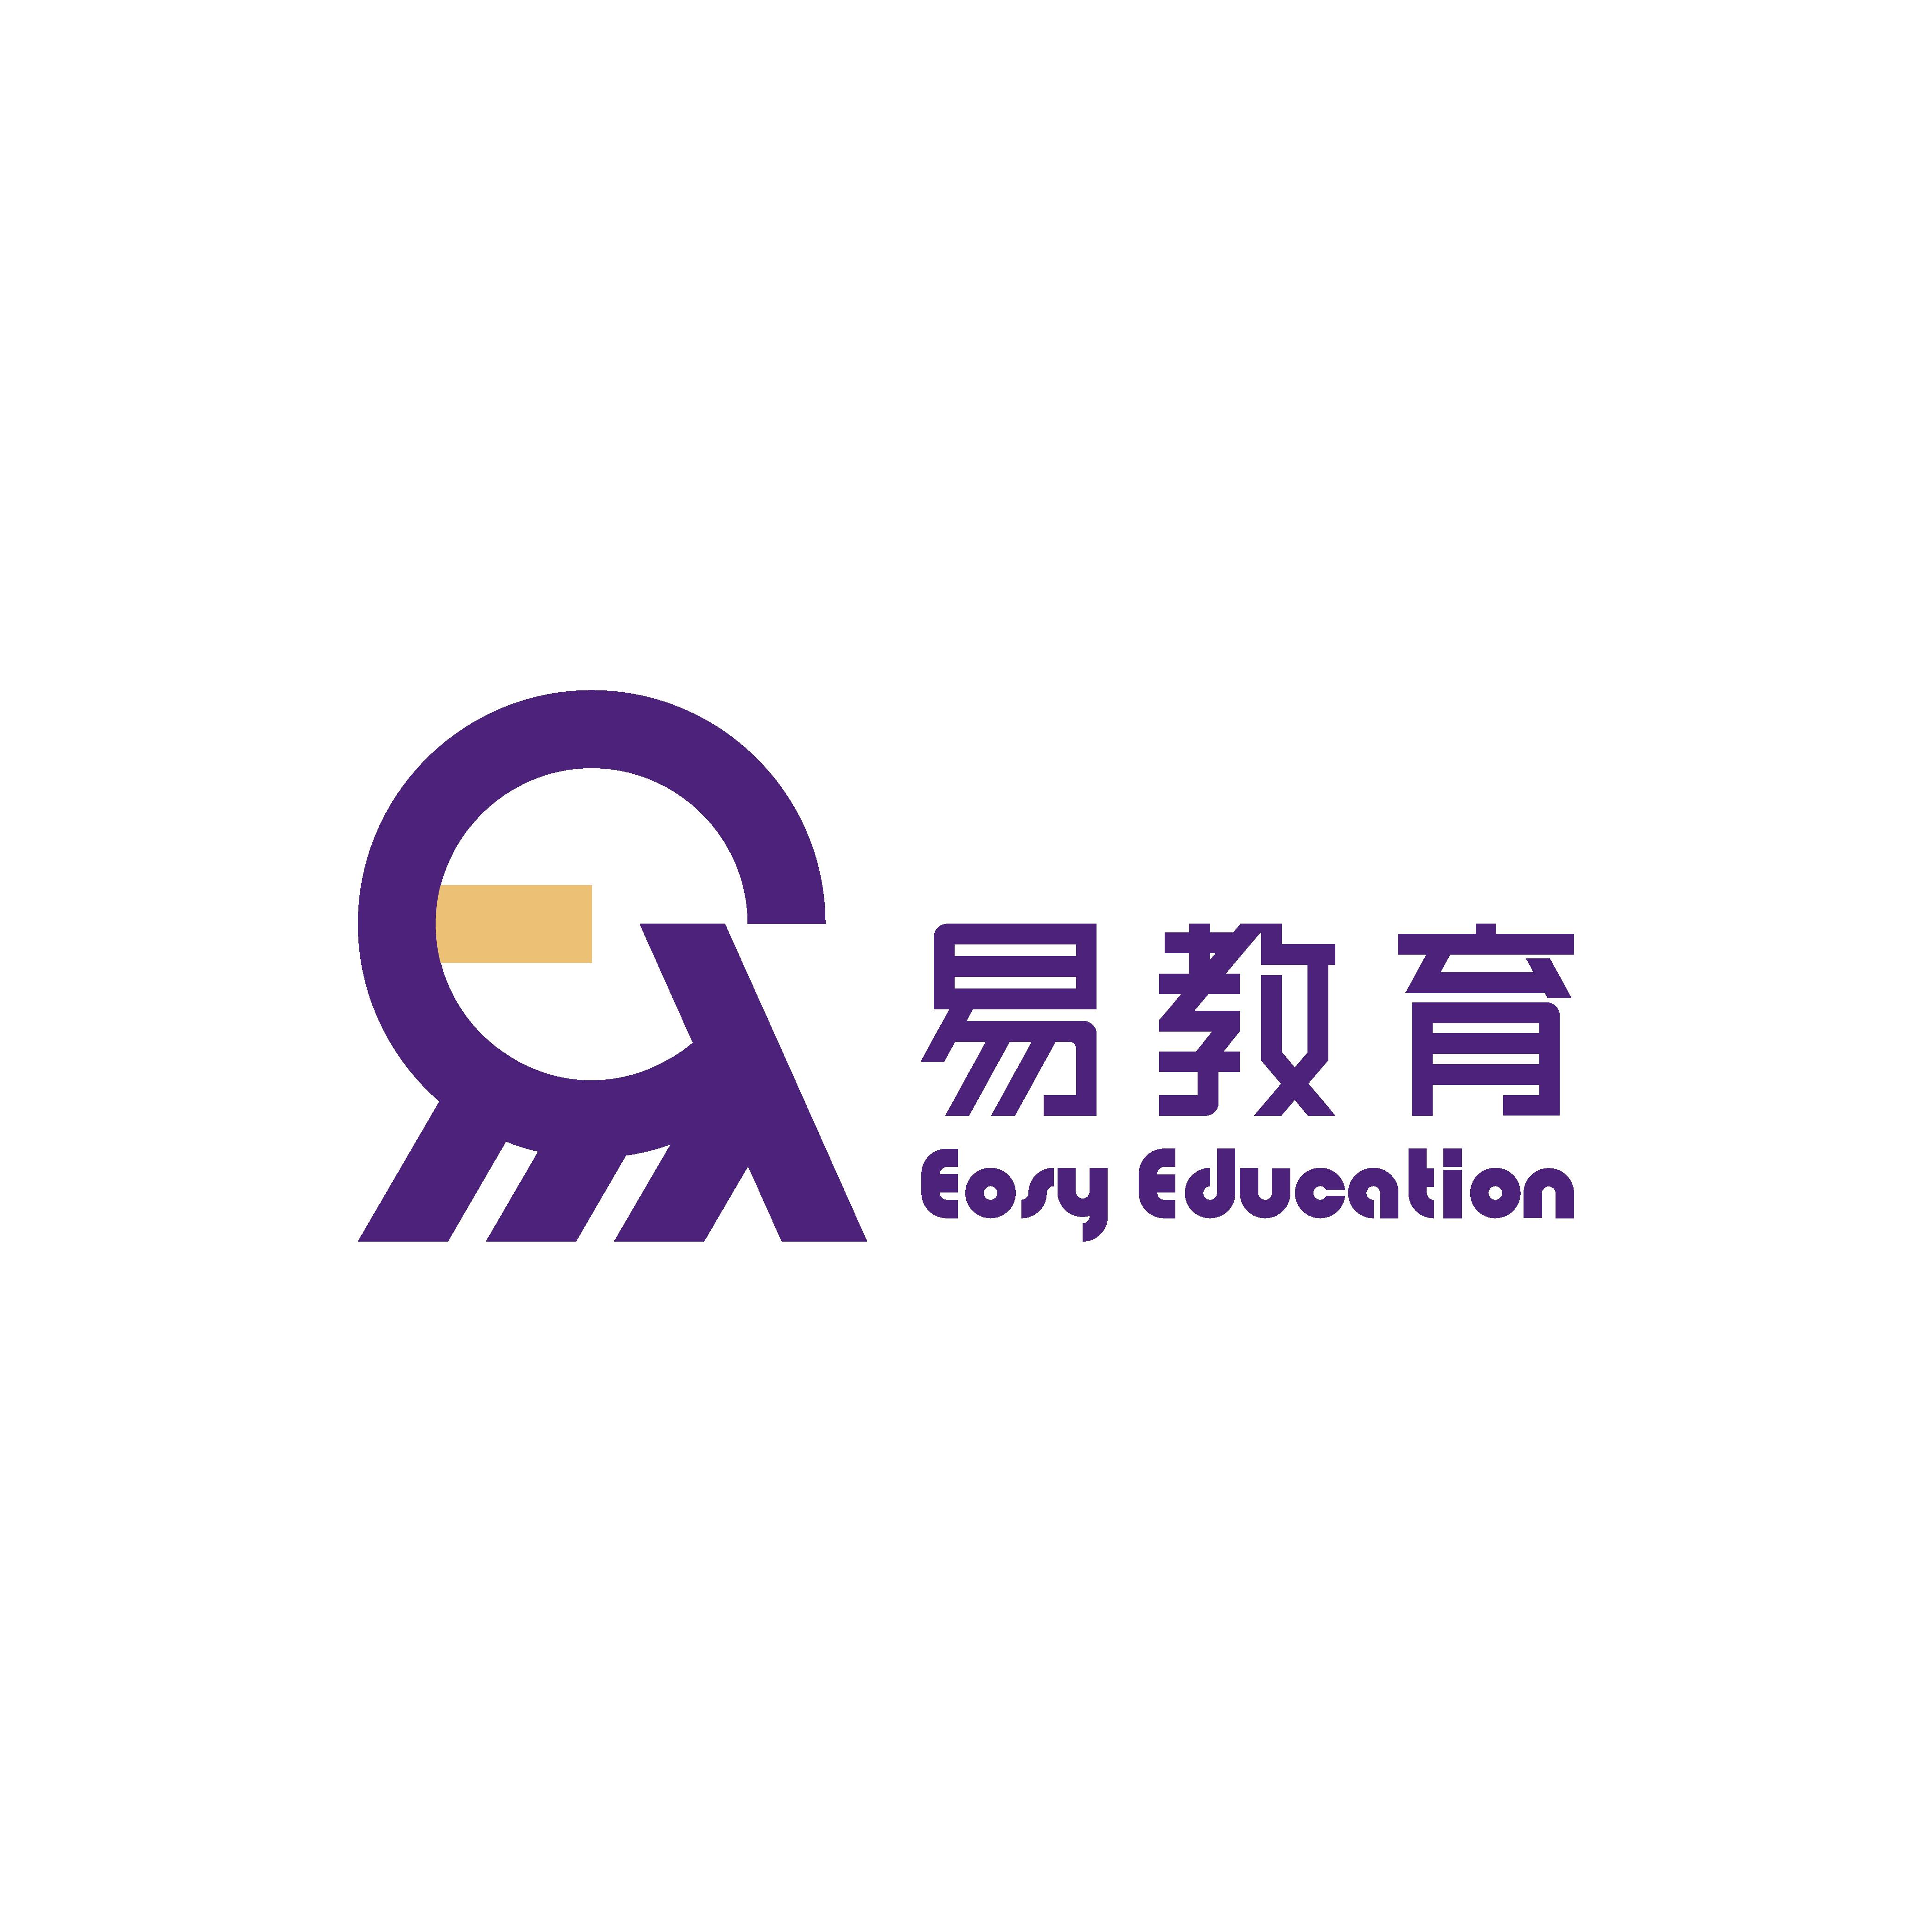 易教育品牌logo设计